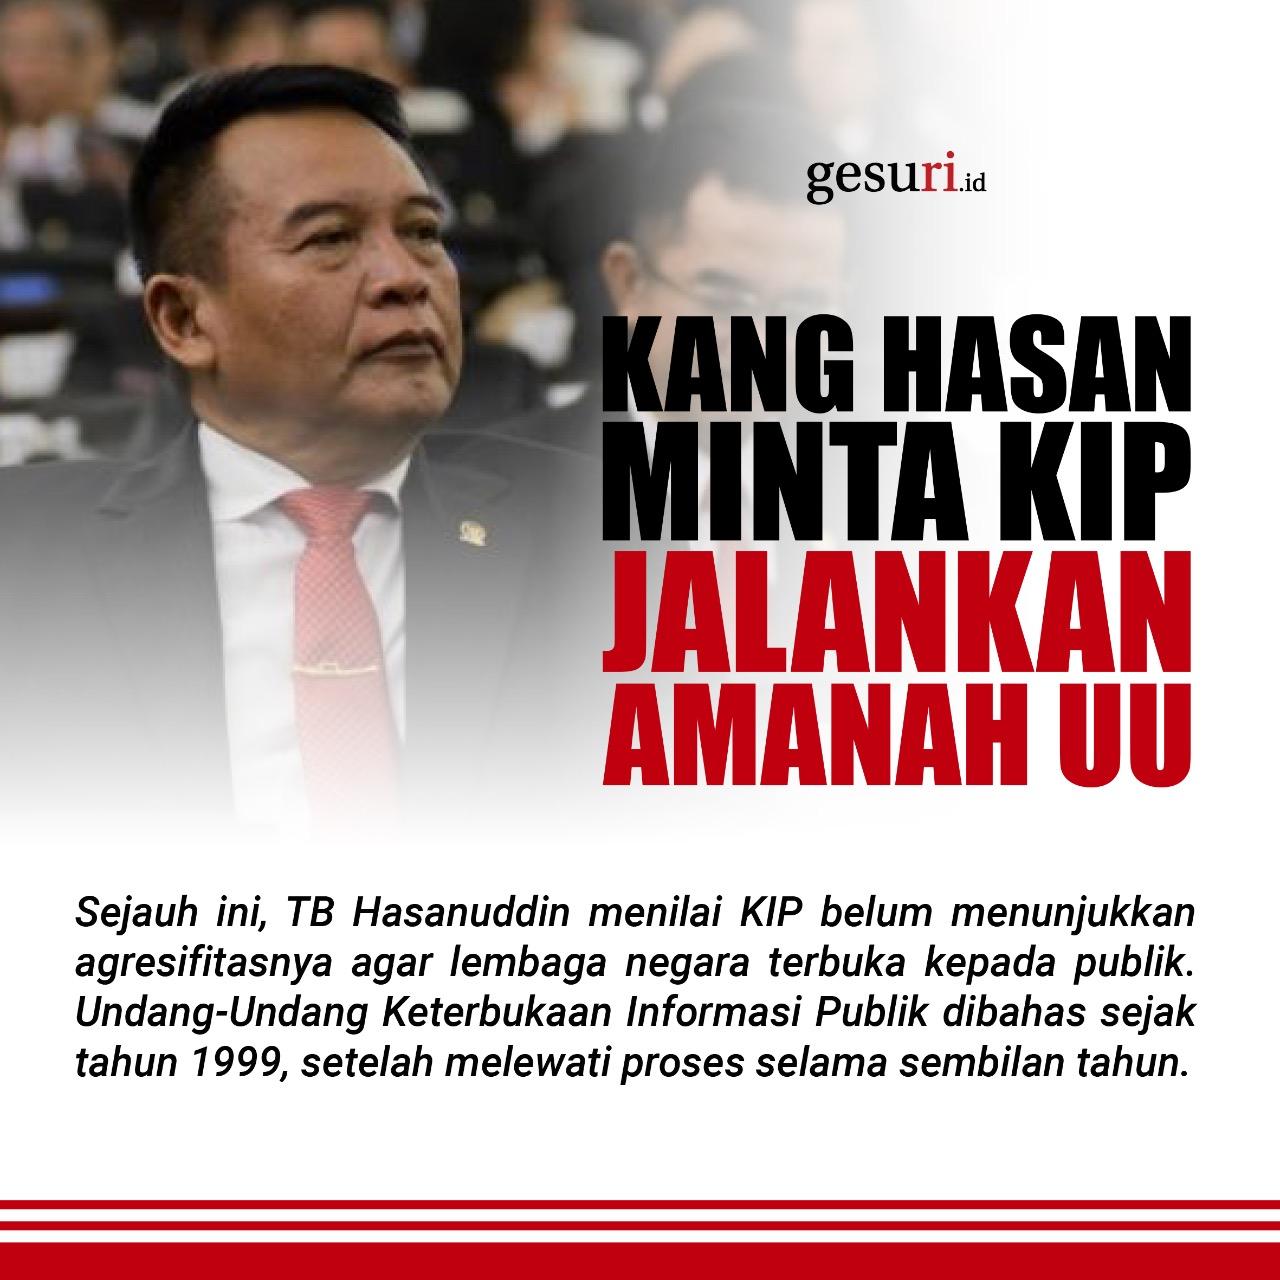 Kang Hasan Minta KIP Jalankan Amanah Undang-Undang